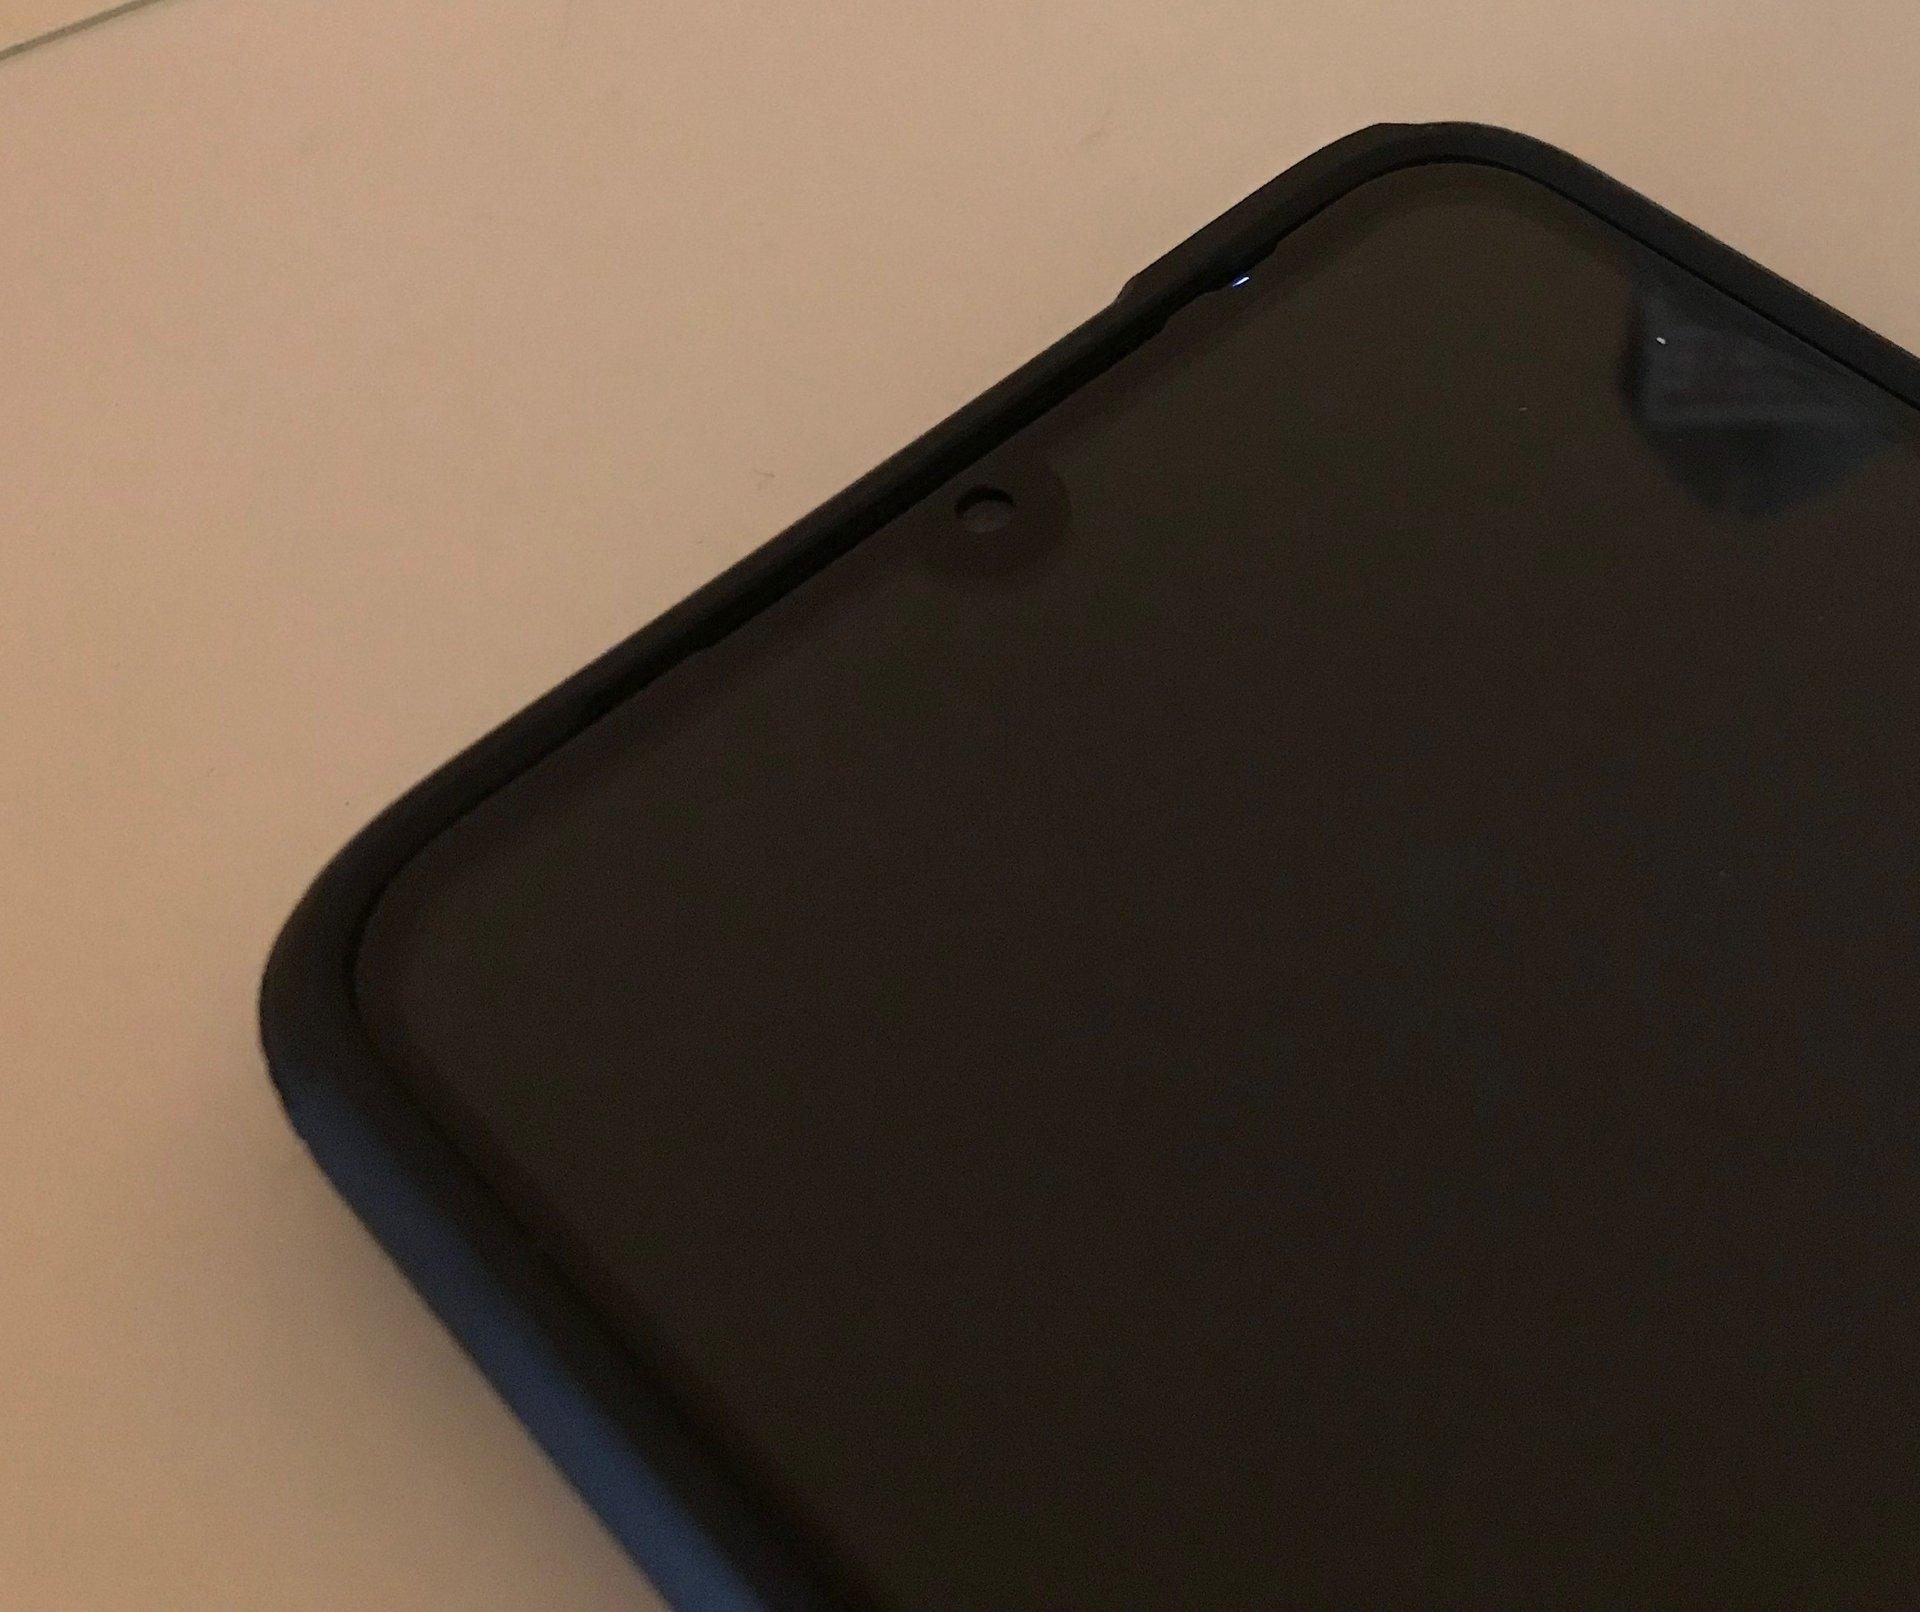 TopACE Panzerglas Schutzfolie f/ür Xiaomi Mi 9,Ultra D/ünn HD Transparenz Schutzfolie Anti-/Öl Anti-Kratzer und Blasenfrei Geh/ärtetes Glas Displayschutz f/ür Xiaomi Mi 9